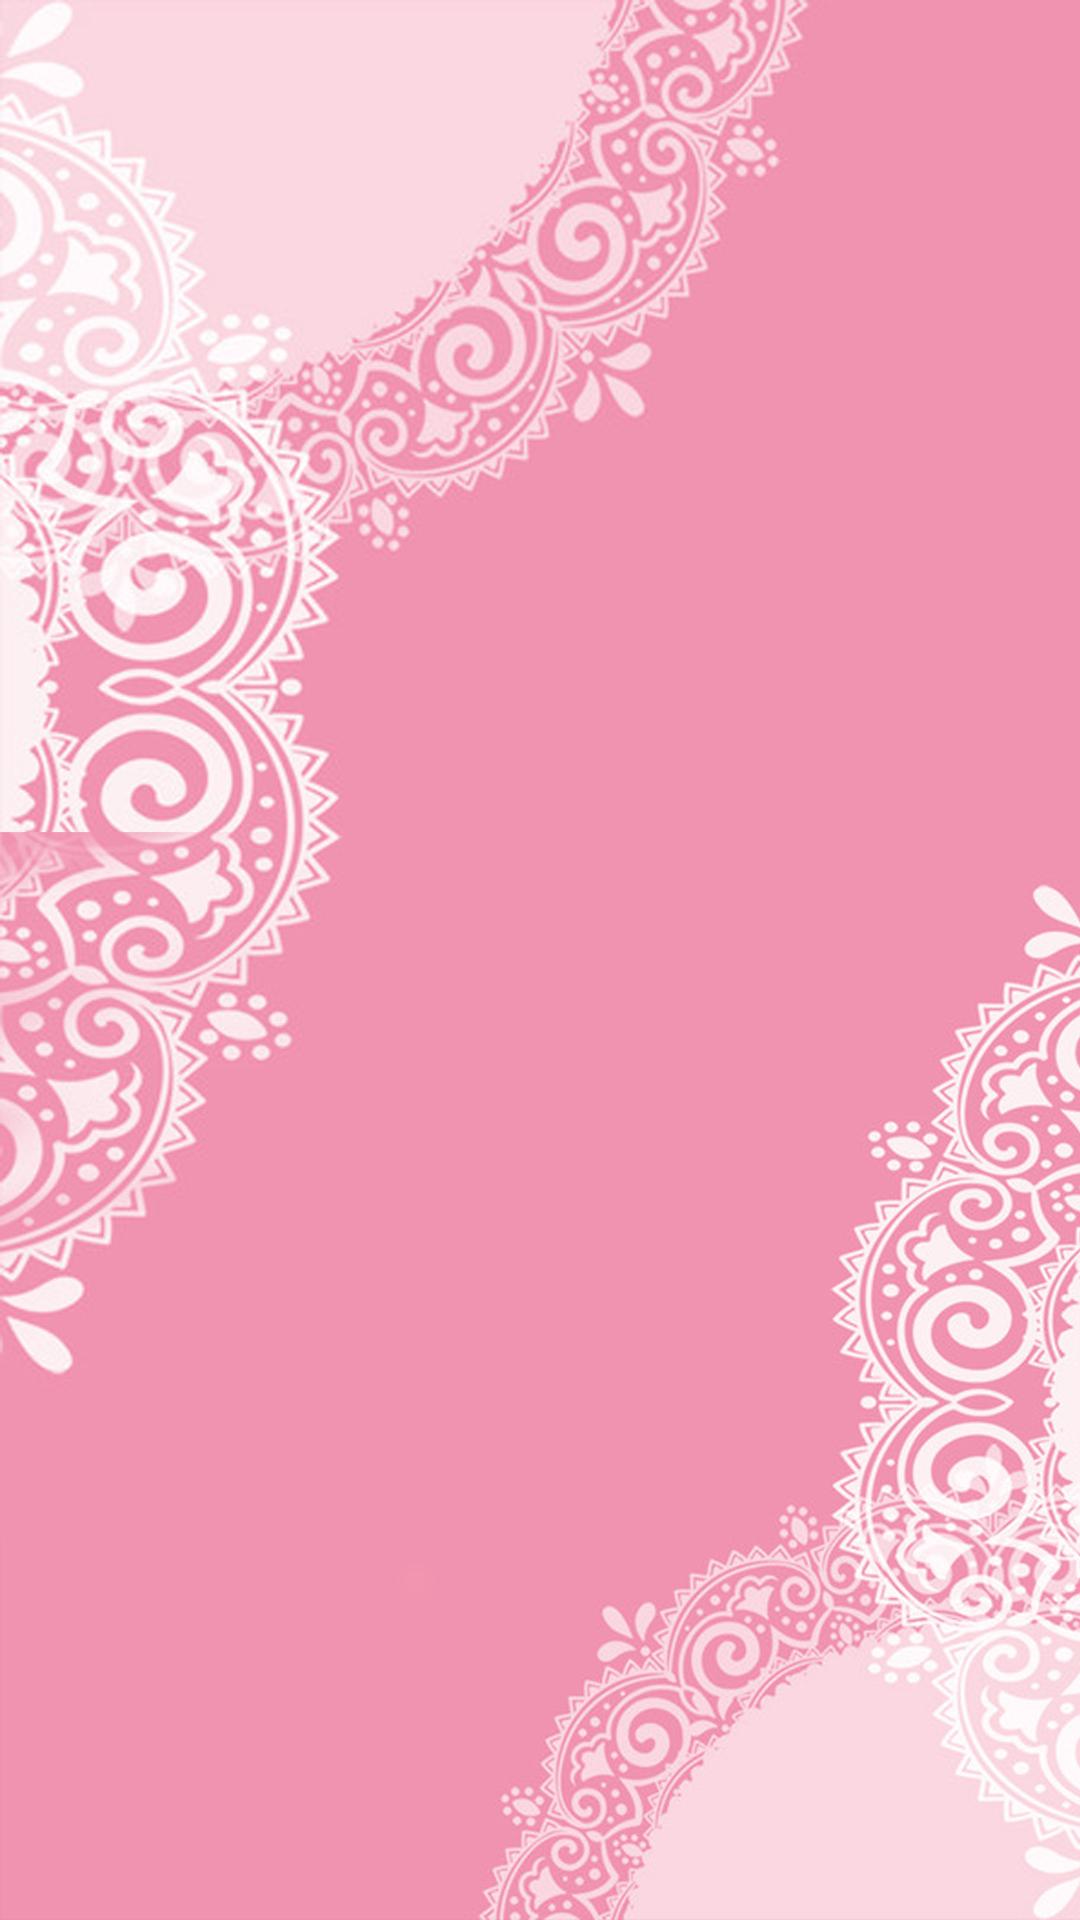 Сайт Знакомств Розовый Фон